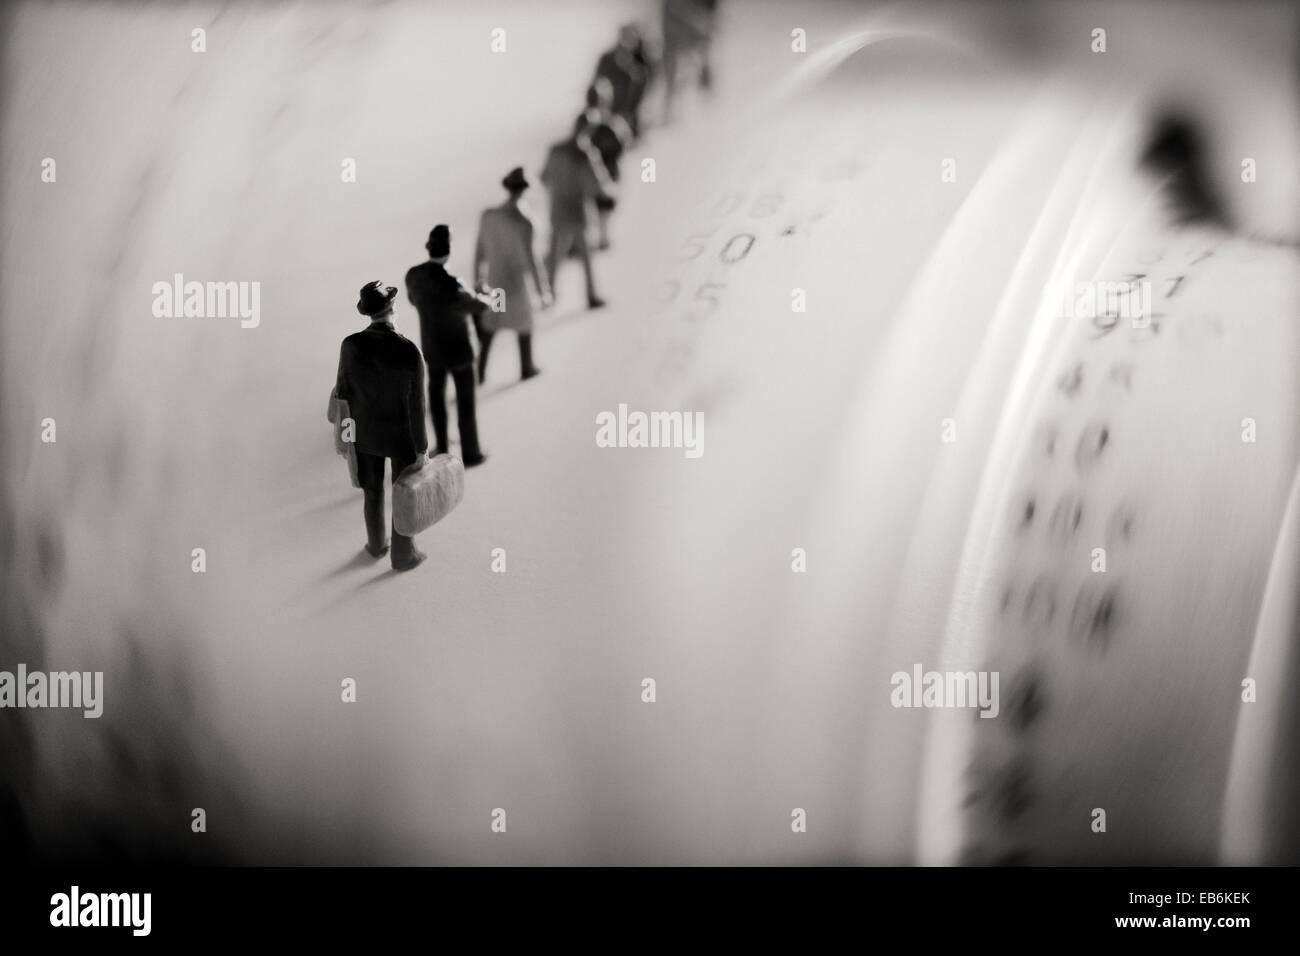 hombres de negocio en fila con numeros y cantidades en ticket de maquina calculadora businessmen in queu with ticket - Stock Image